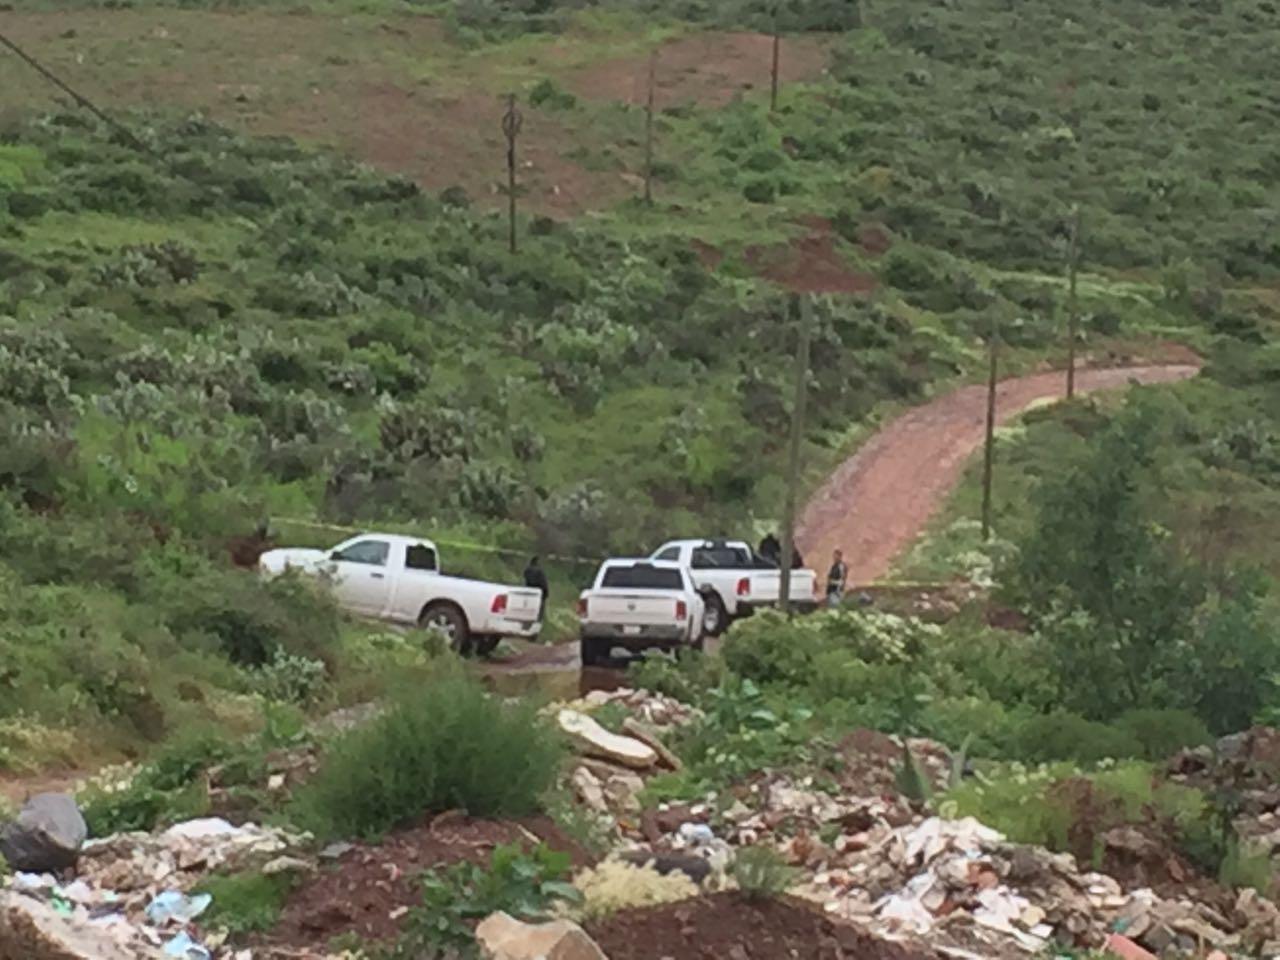 Ejecutan a balazos y embolsan a una mujer enel camino al Cerro de La Virgen, en Zacatecas